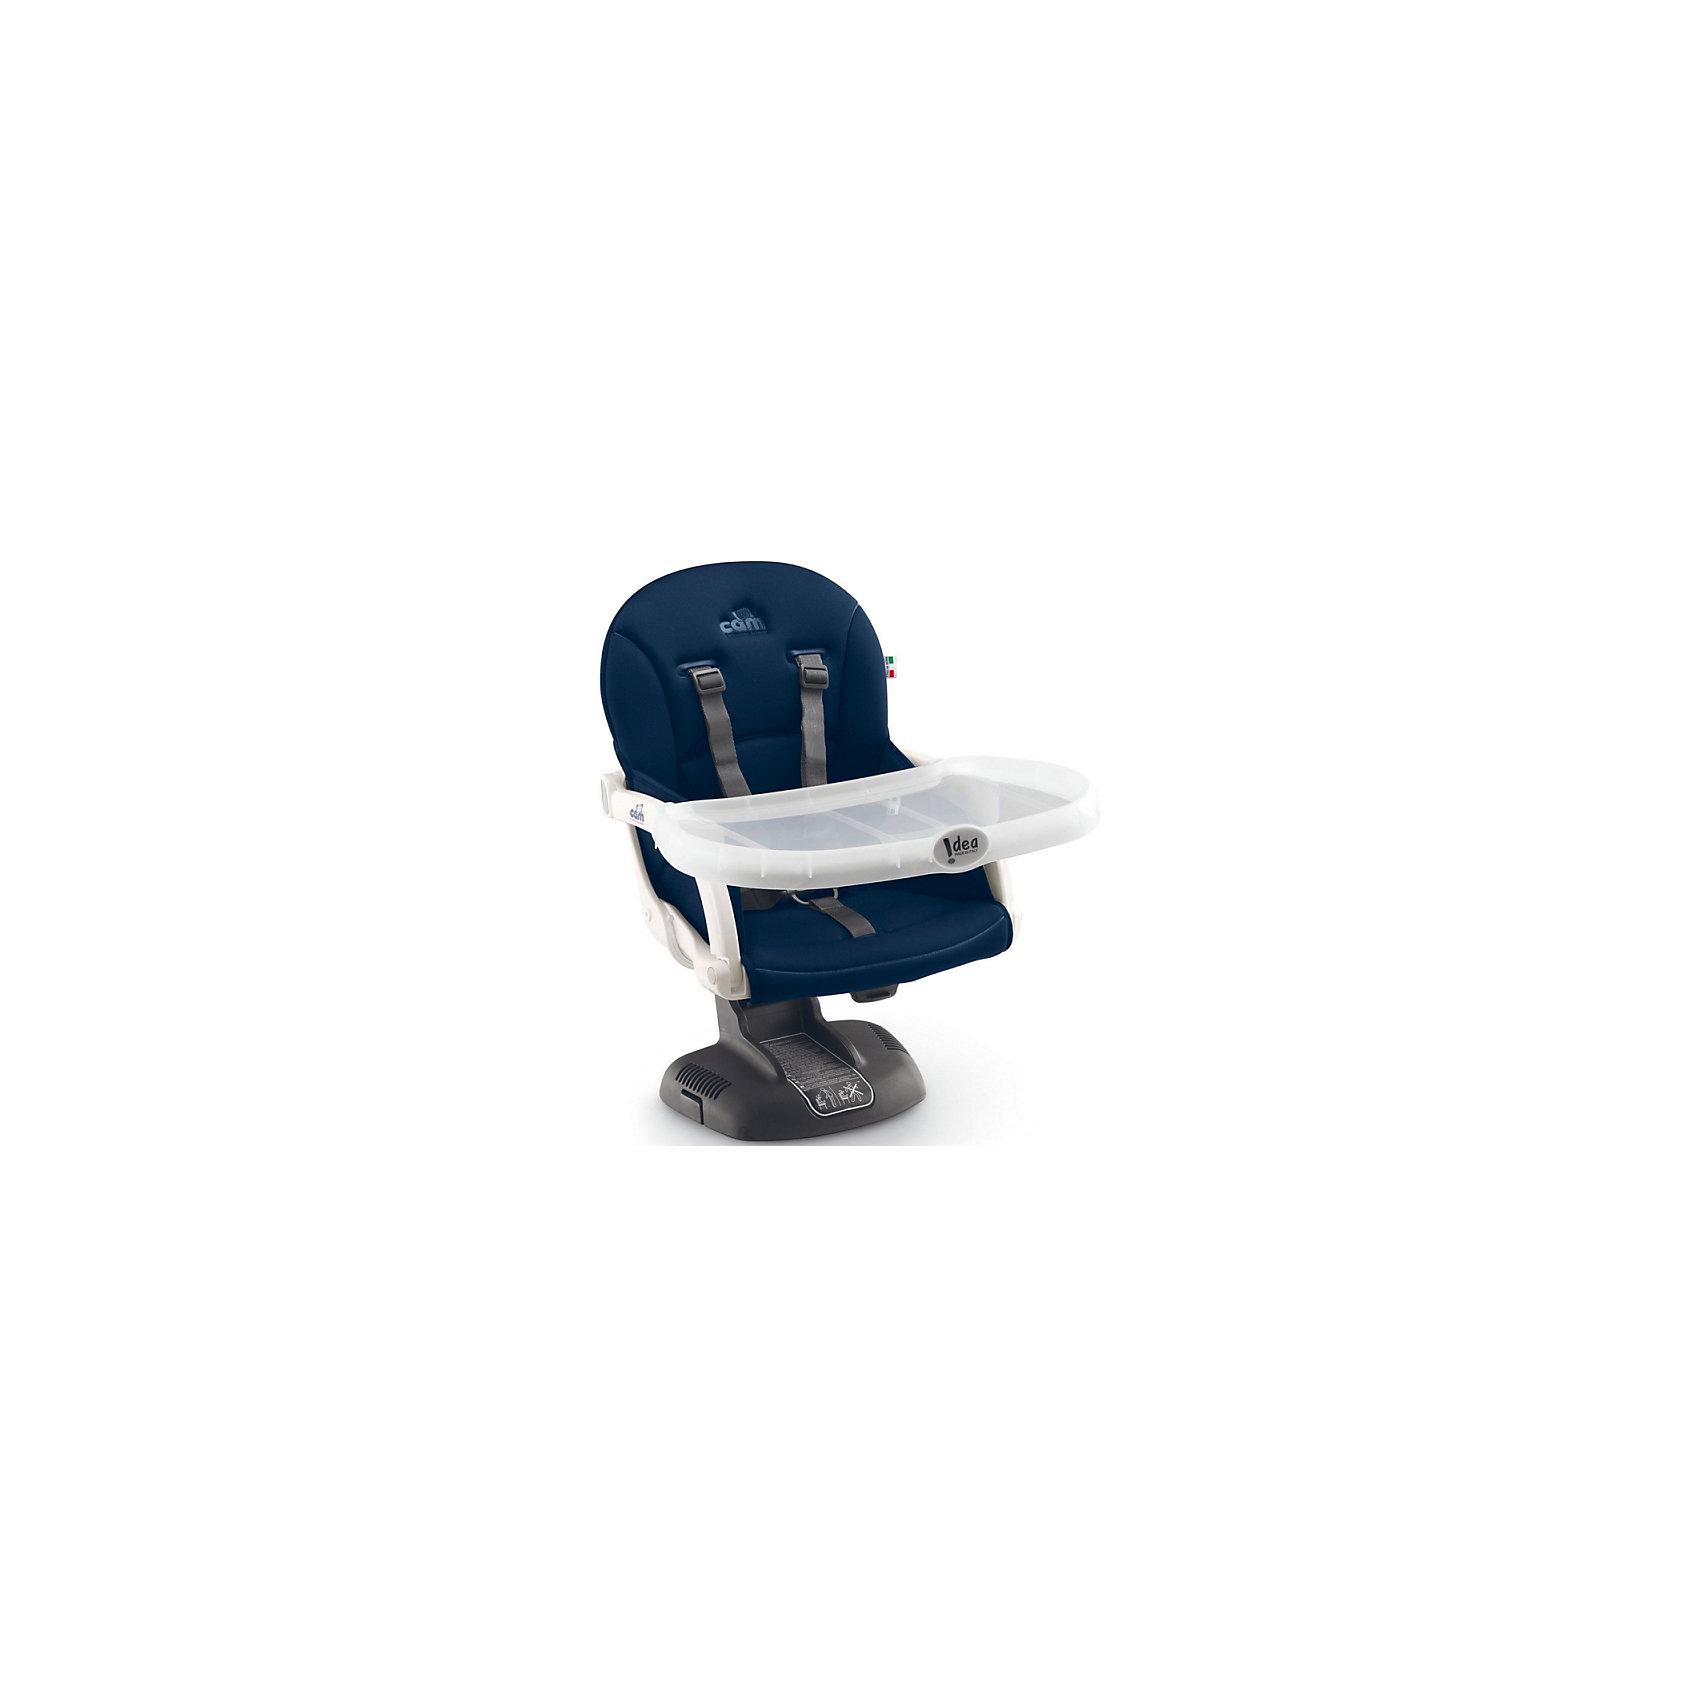 Стульчик для кормления Idea, CAM, синийот +6 месяцев<br>Стульчик для кормления Idea, CAM, синий – компактная модель для дома и дачи.<br>Тип стульчика – бустер. Он крепится к обычной мебели и может быть отрегулирован с помощью 7 уровней высоты сидения. Мягкое сидение и подлокотники делают сиденье комфортным для ребенка, а ремни безопасности защищают малыша от падения и не дают ему выбраться самостоятельно. <br><br> Дополнительная информация:<br><br>- цвет: синий<br>- размер: 52х36х40 см<br>- вес: 2,8<br><br><br>Стульчик для кормления Idea, CAM, синий можно купить в нашем интернет магазине.<br><br>Ширина мм: 995<br>Глубина мм: 369<br>Высота мм: 499<br>Вес г: 3750<br>Возраст от месяцев: 6<br>Возраст до месяцев: 36<br>Пол: Унисекс<br>Возраст: Детский<br>SKU: 5013514